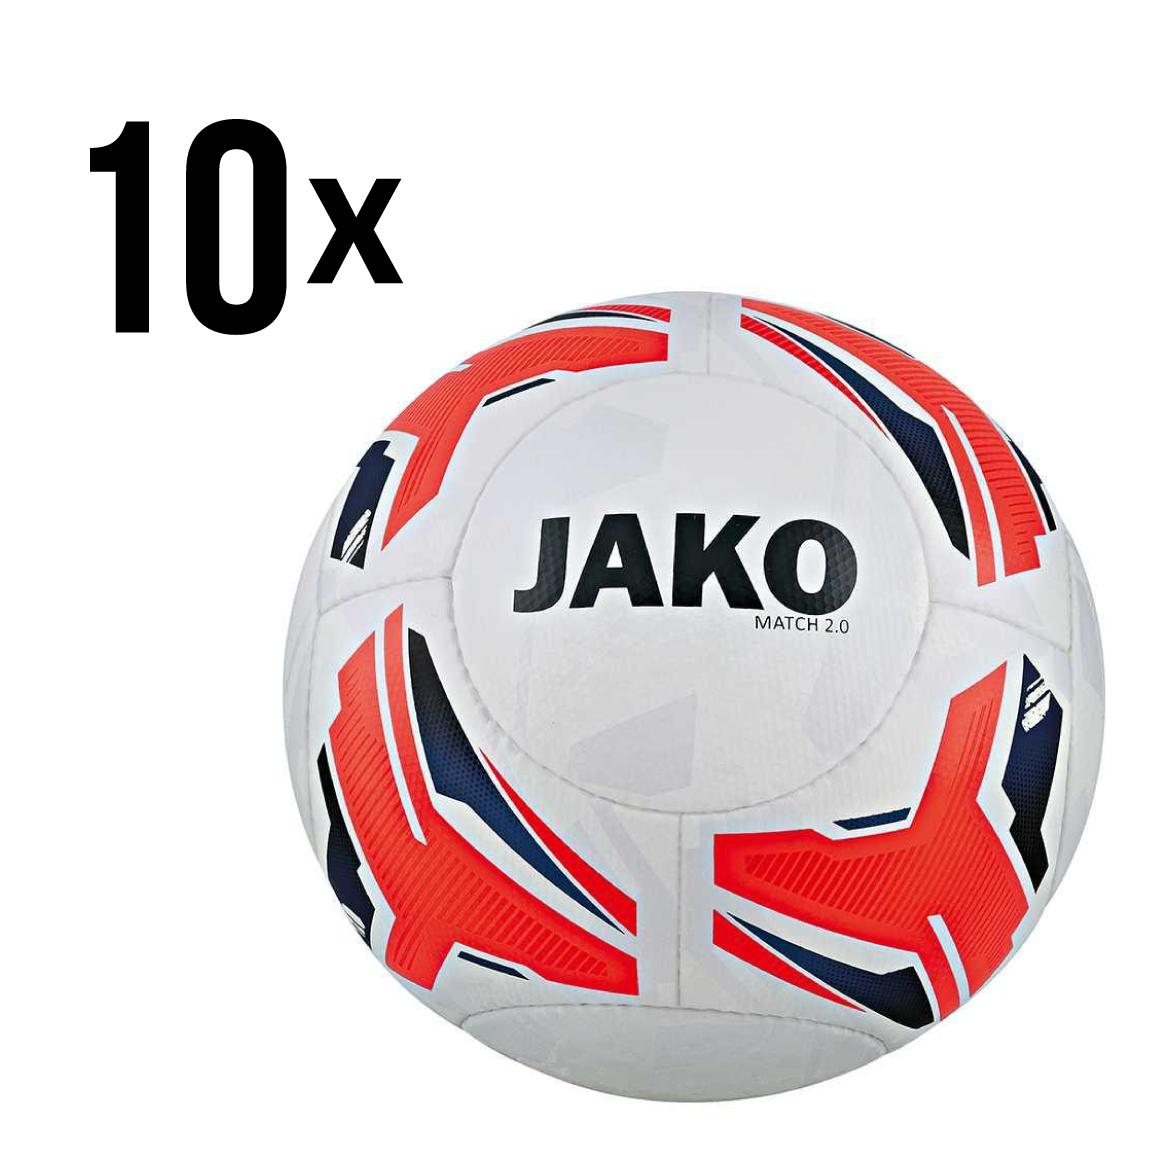 10 x JAKO Match 2.0 Fußball Gr. 5 für 75,99€ (7,60€ pro Fußball)